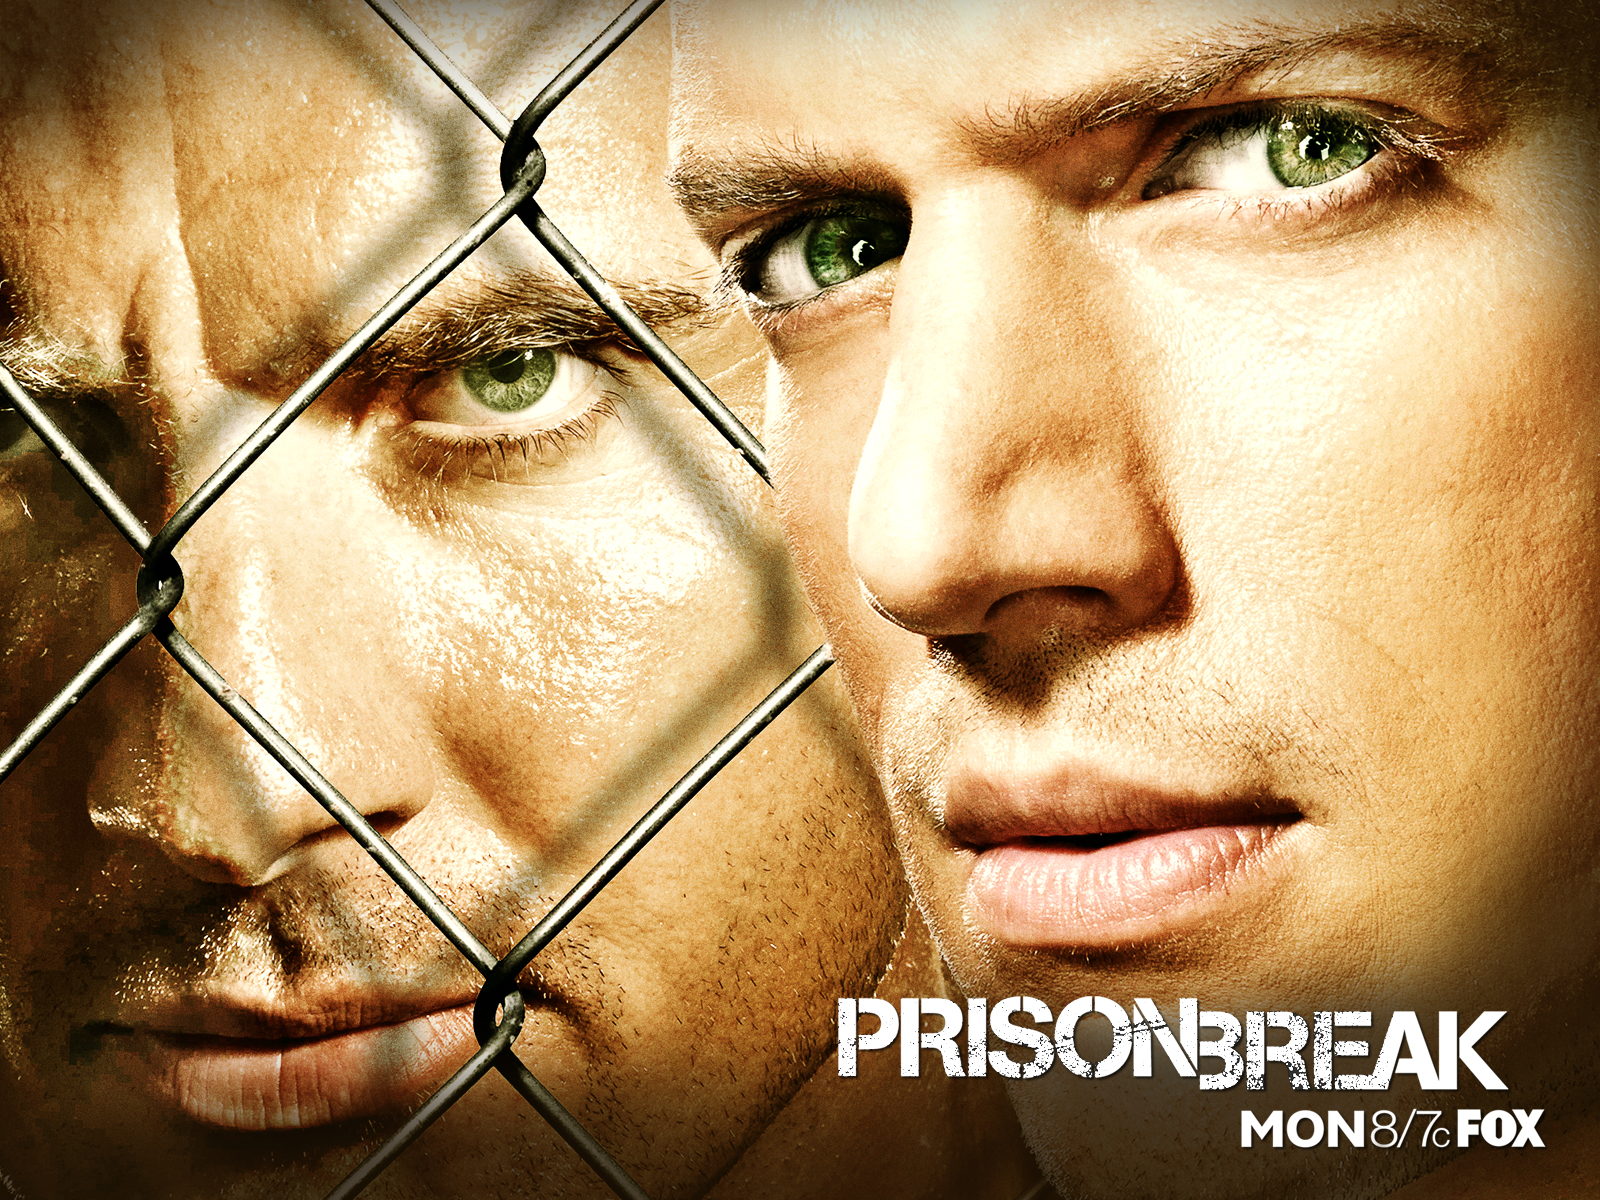 Watch prison break online